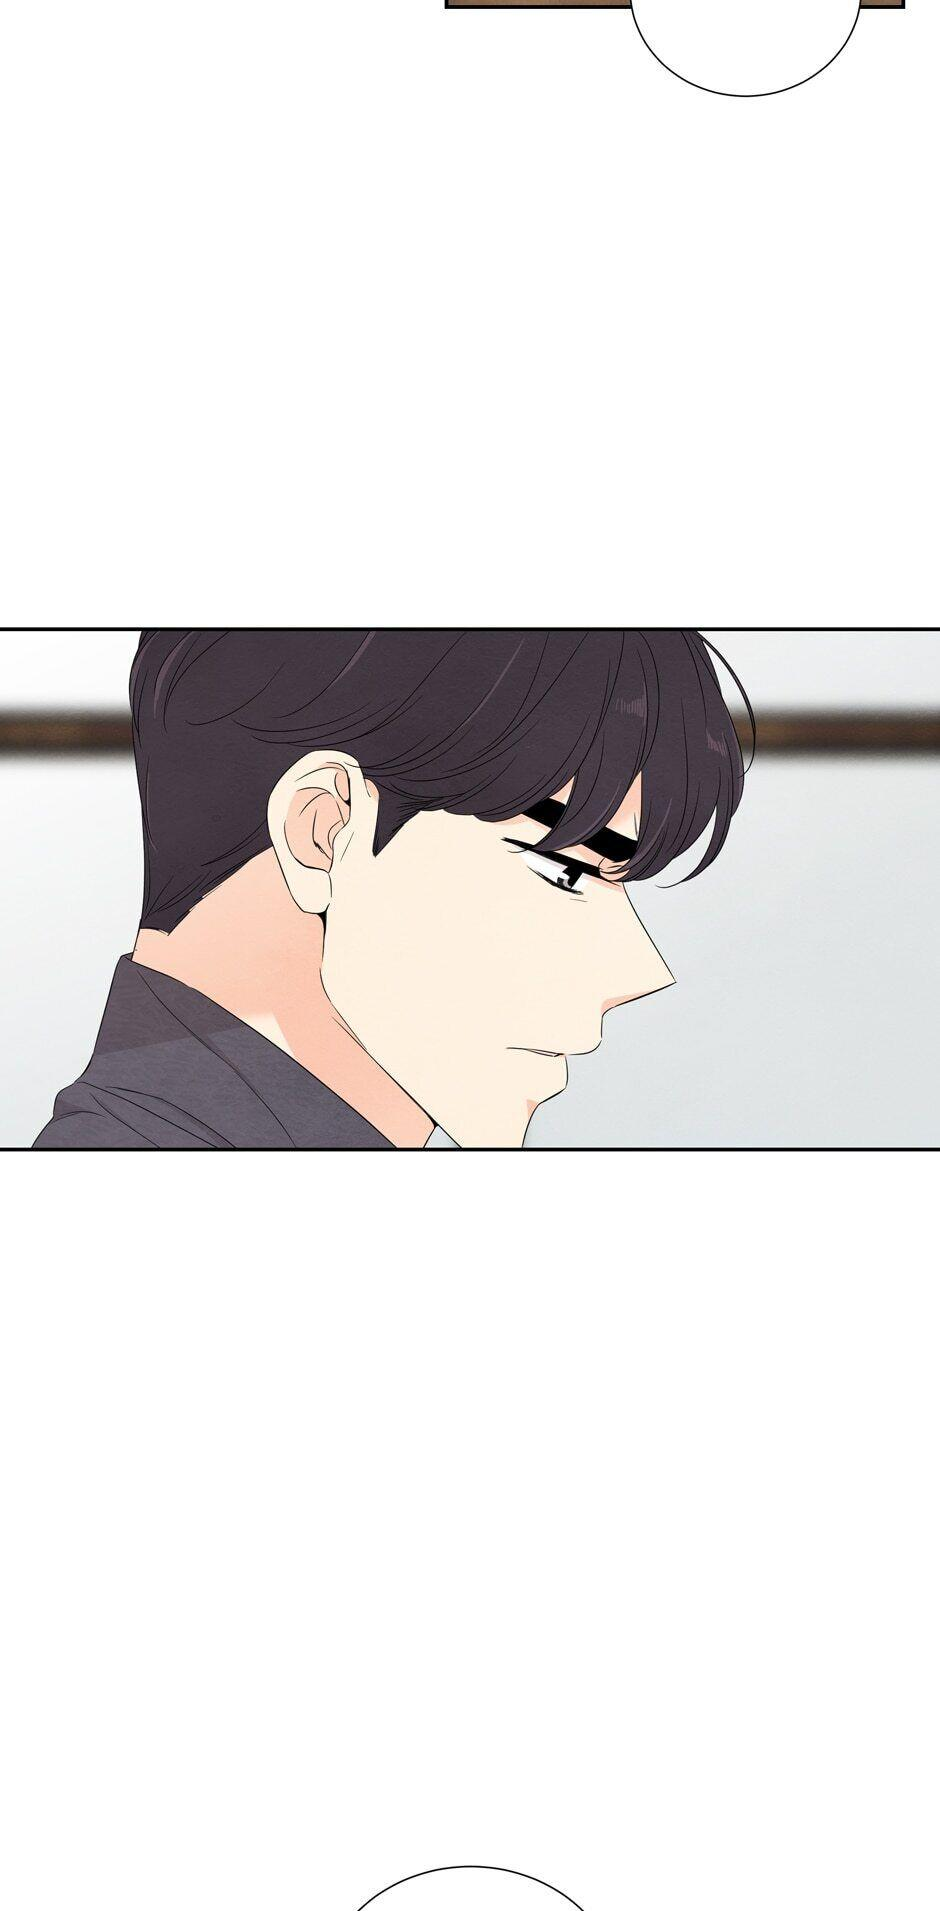 I Want To Do It, Even If It Hurtsa Chapter 55 page 36 - Mangakakalots.com